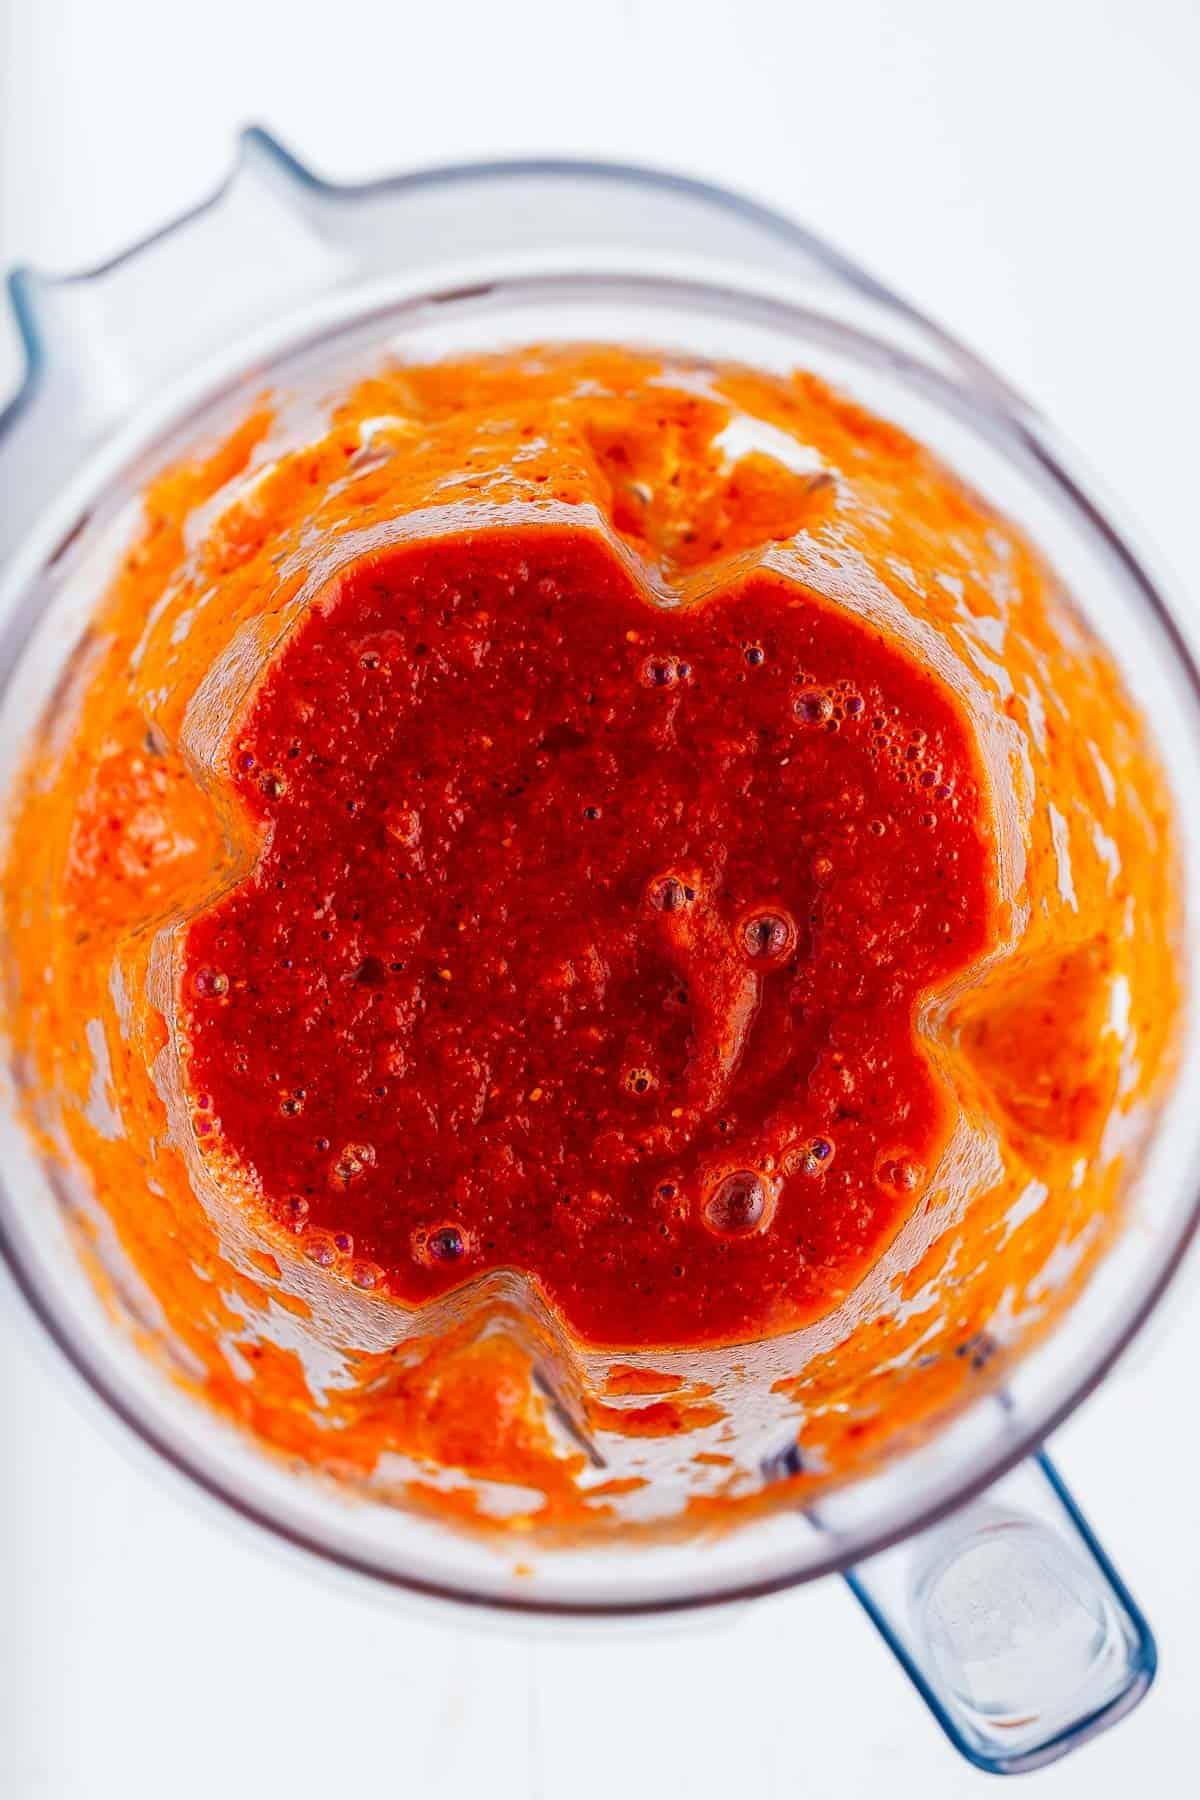 Salsa Roja in a Blender